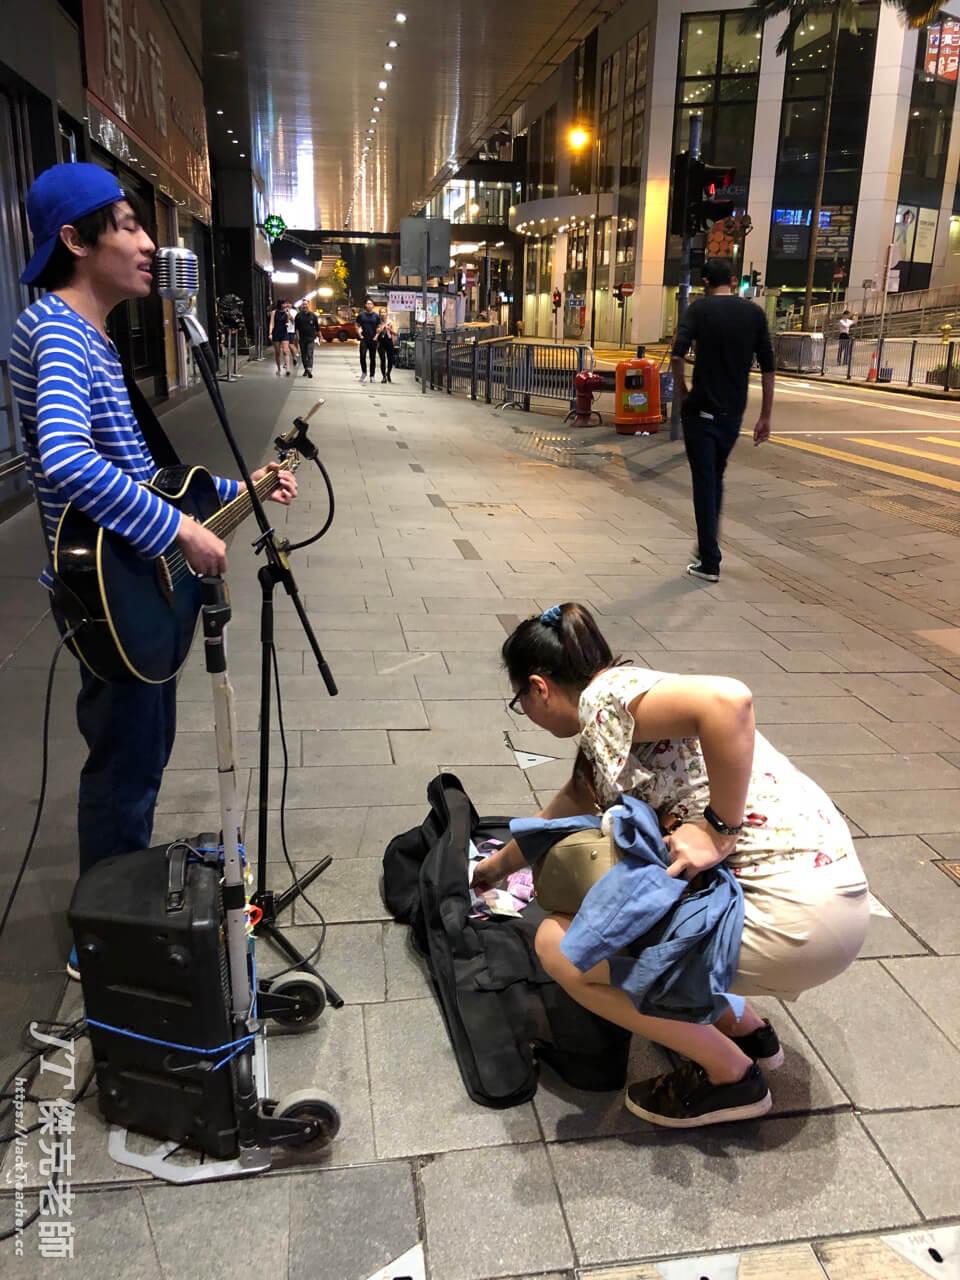 蘭桂坊的街頭藝人,團員說,他唱的比我們酒吧裡的好聽多了,所以她去樂捐了